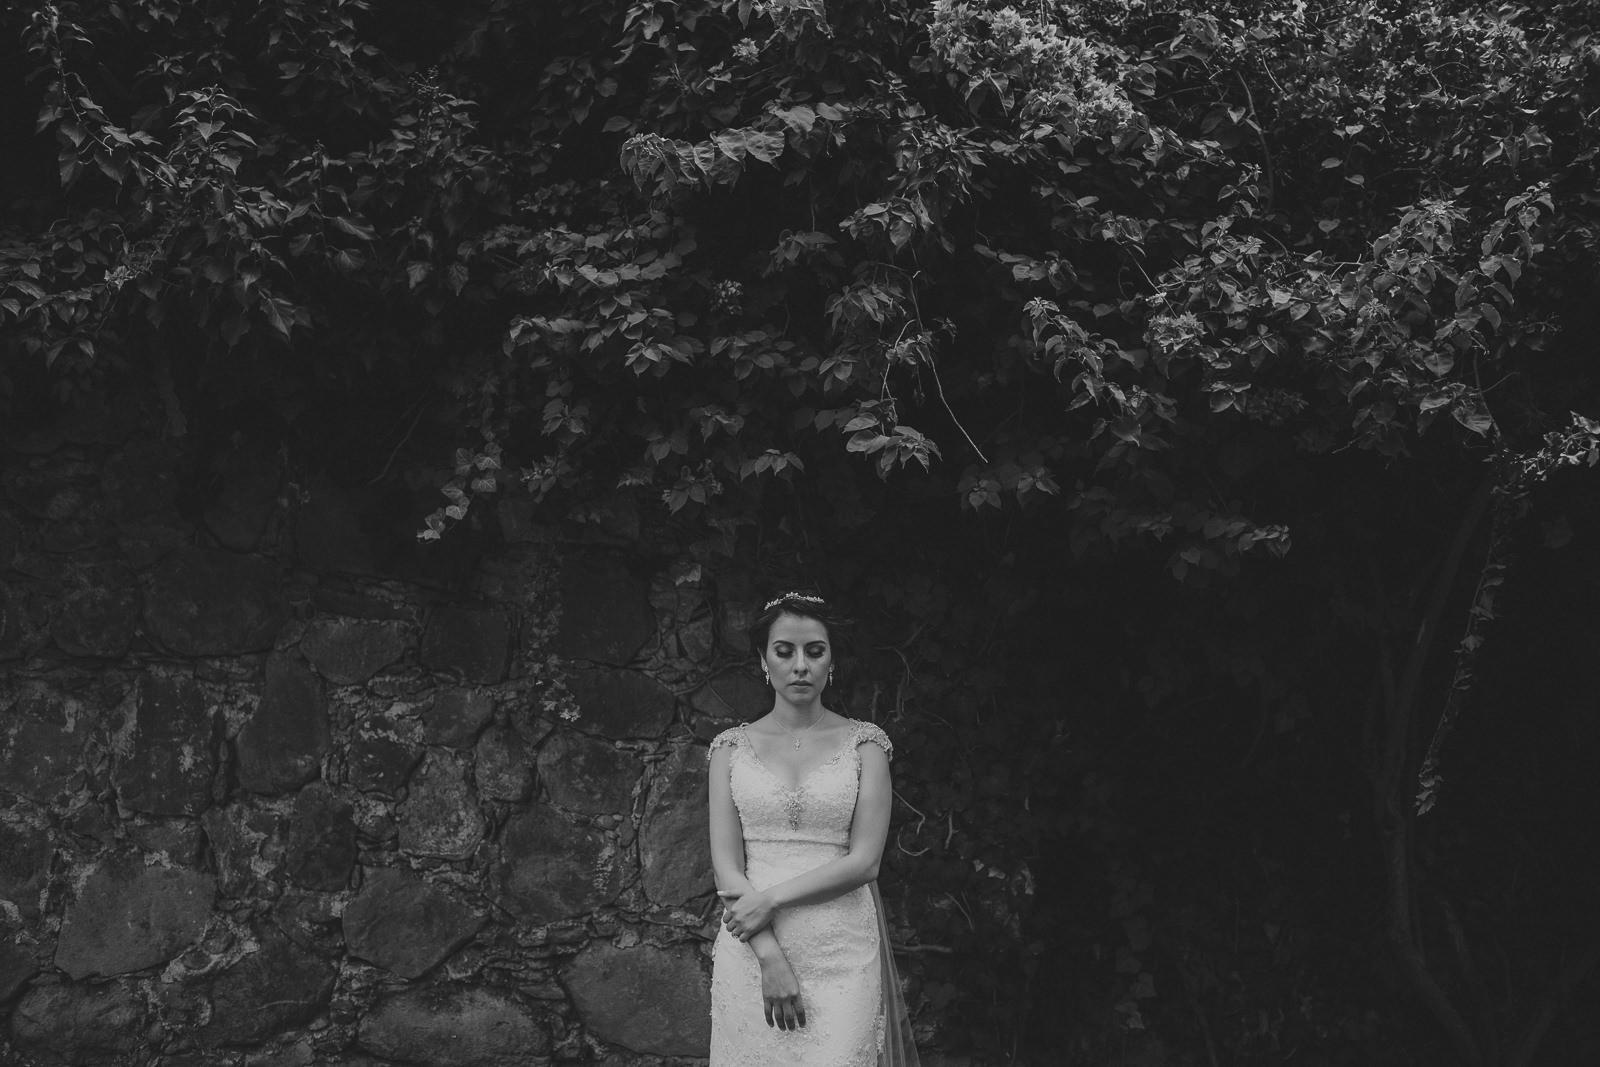 fotografo-de-bodas-san-miguel-de-allende-025